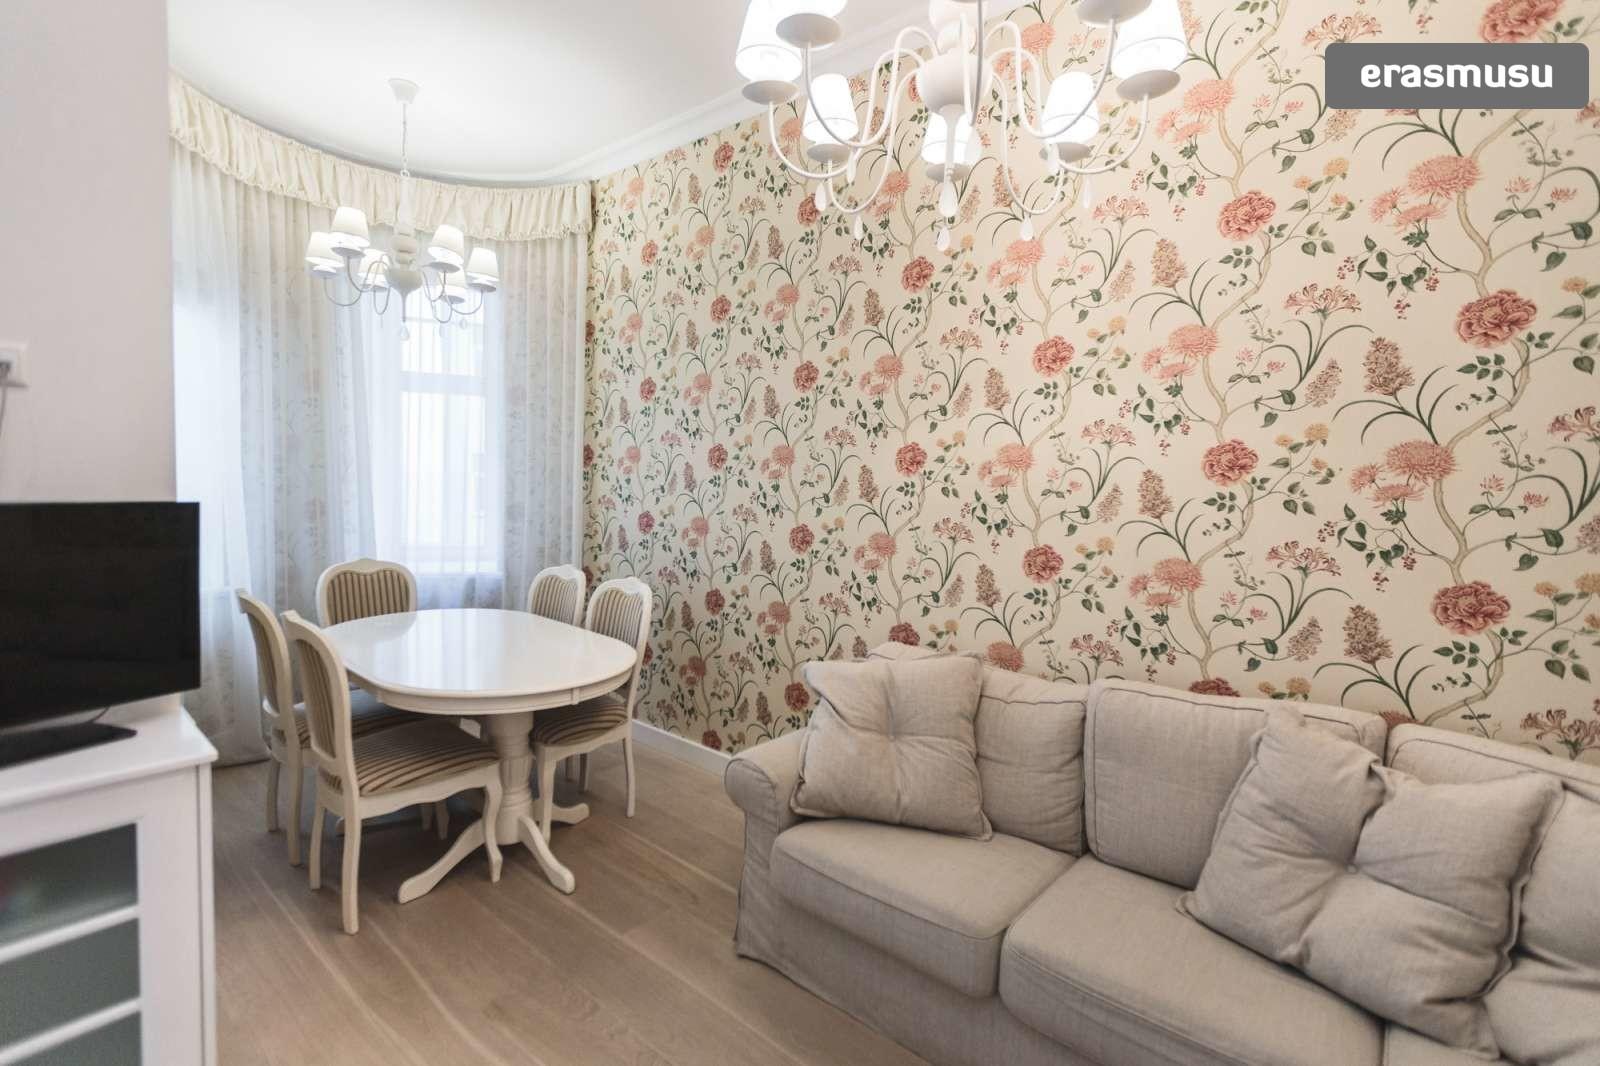 elegant-2-bedroom-partment-rent-centrs-0cfd111258c197c7f44737e25